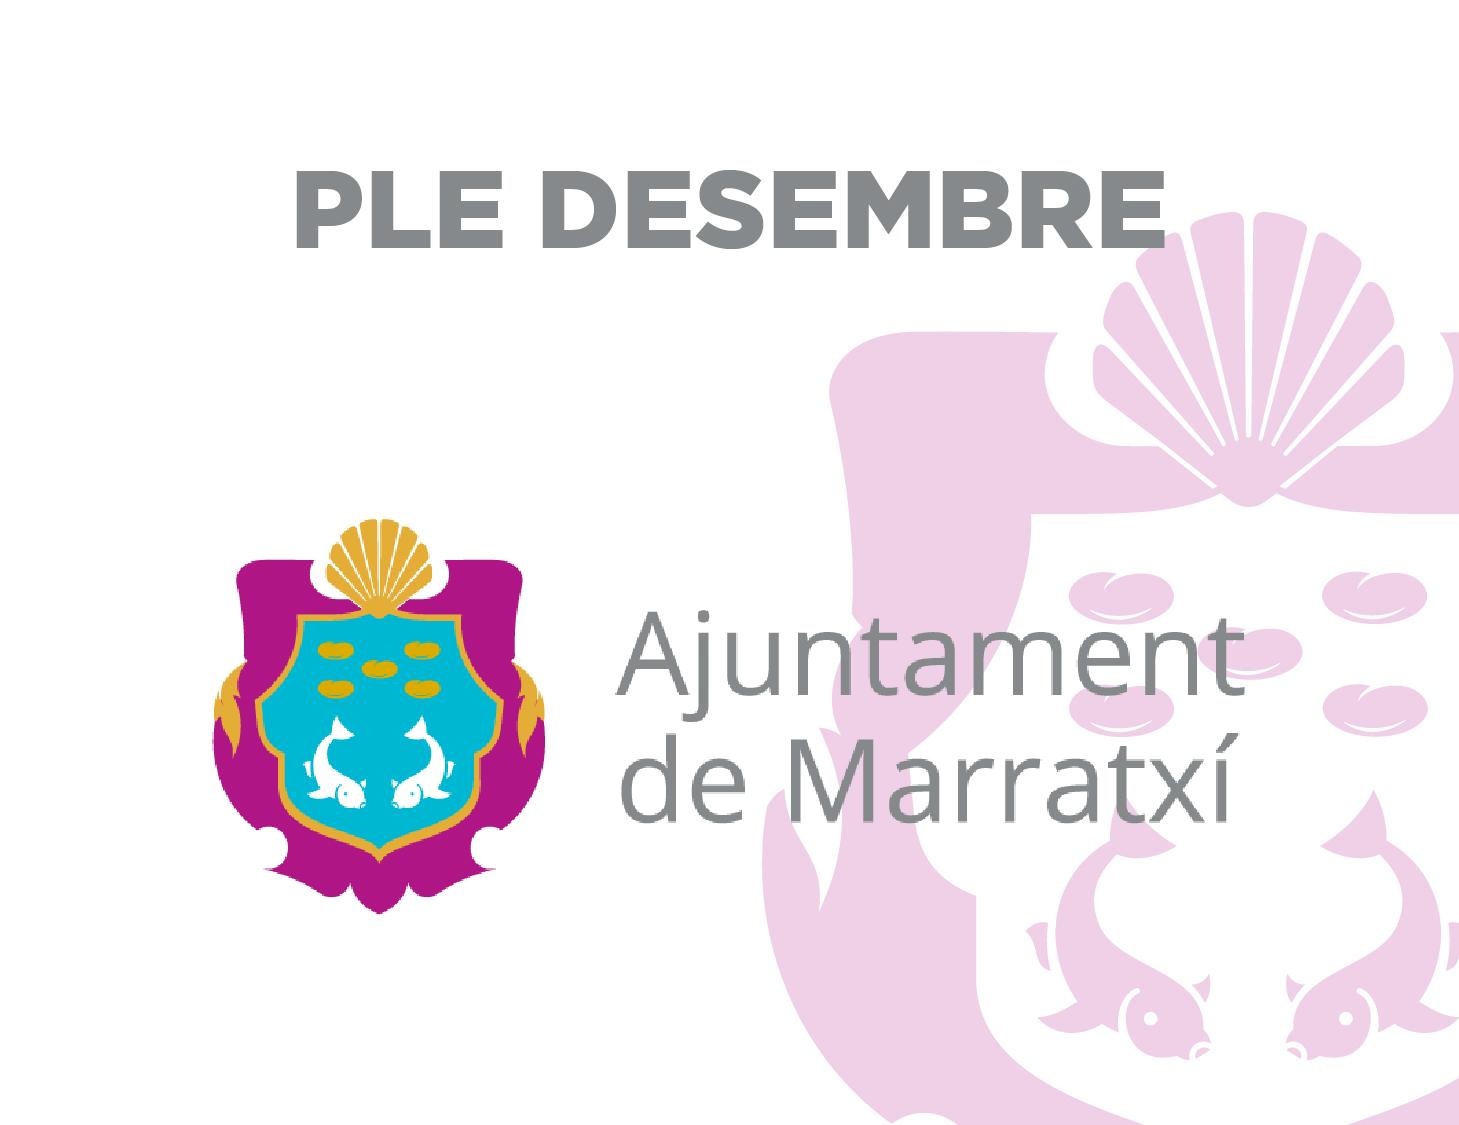 PLE-DESEMBRE-01-01